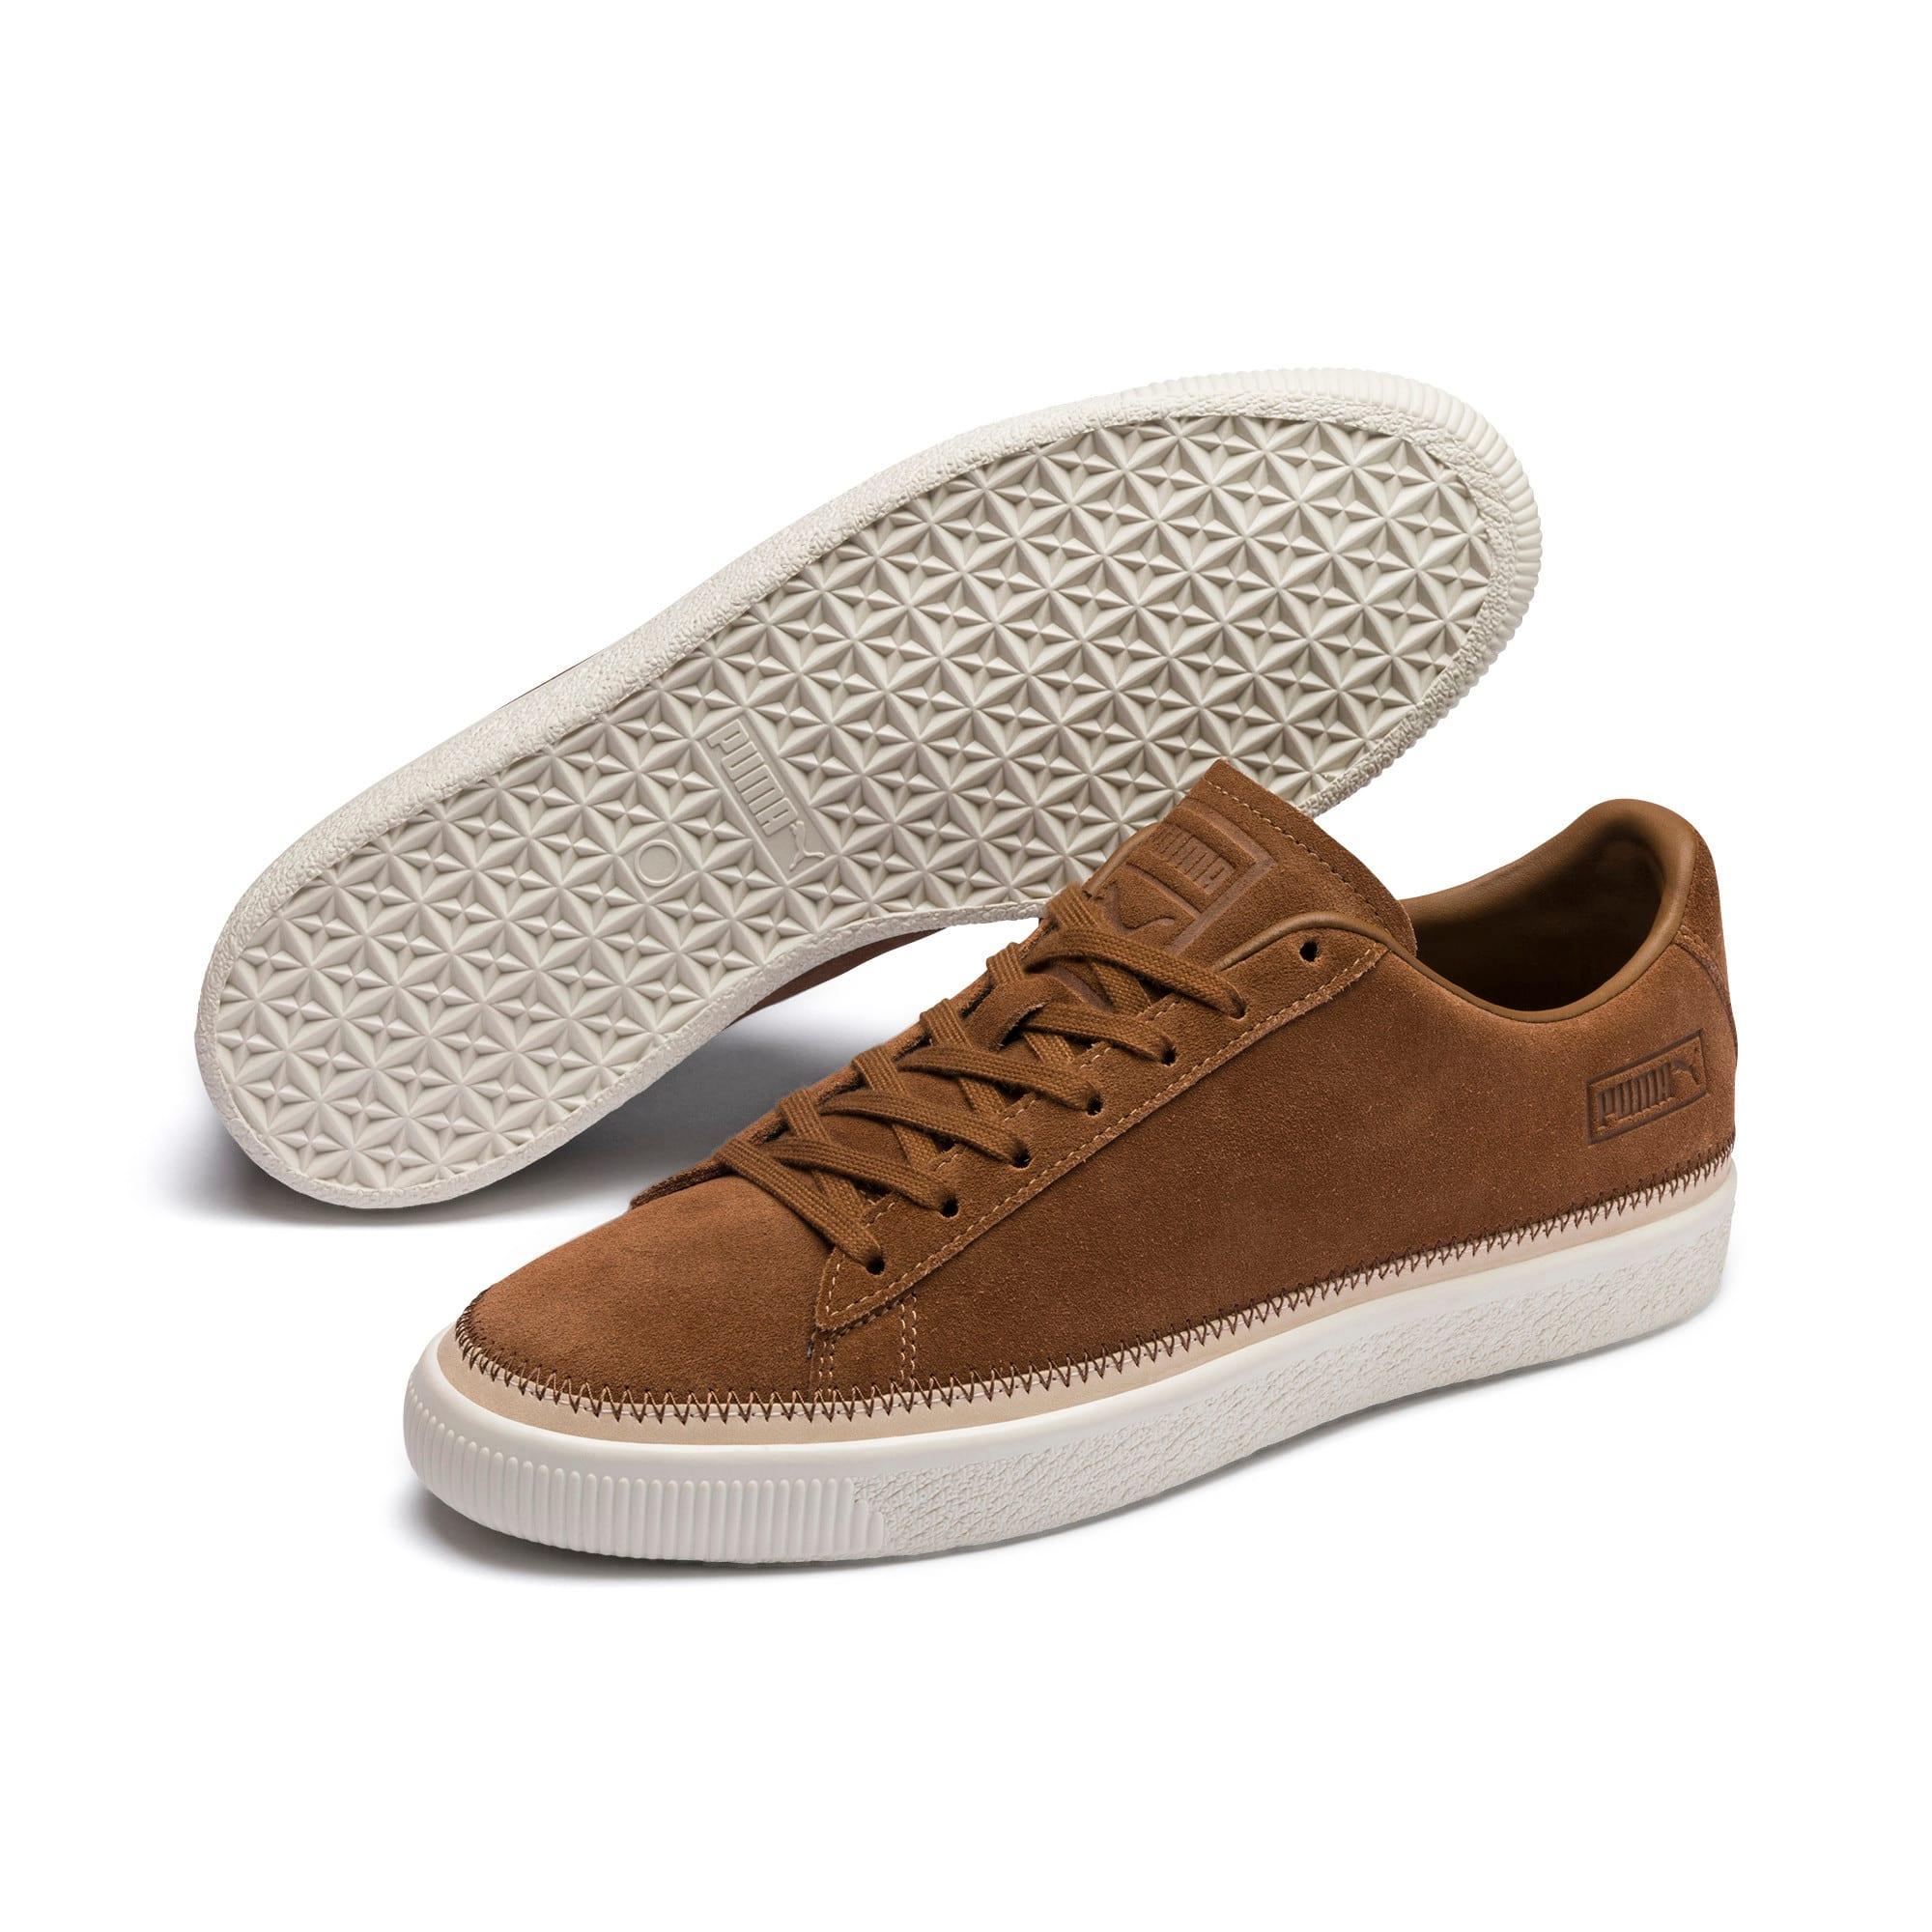 Miniatura 3 de Zapatos deportivos Suede Trim PRM, Dachsund-Whisper White, mediano